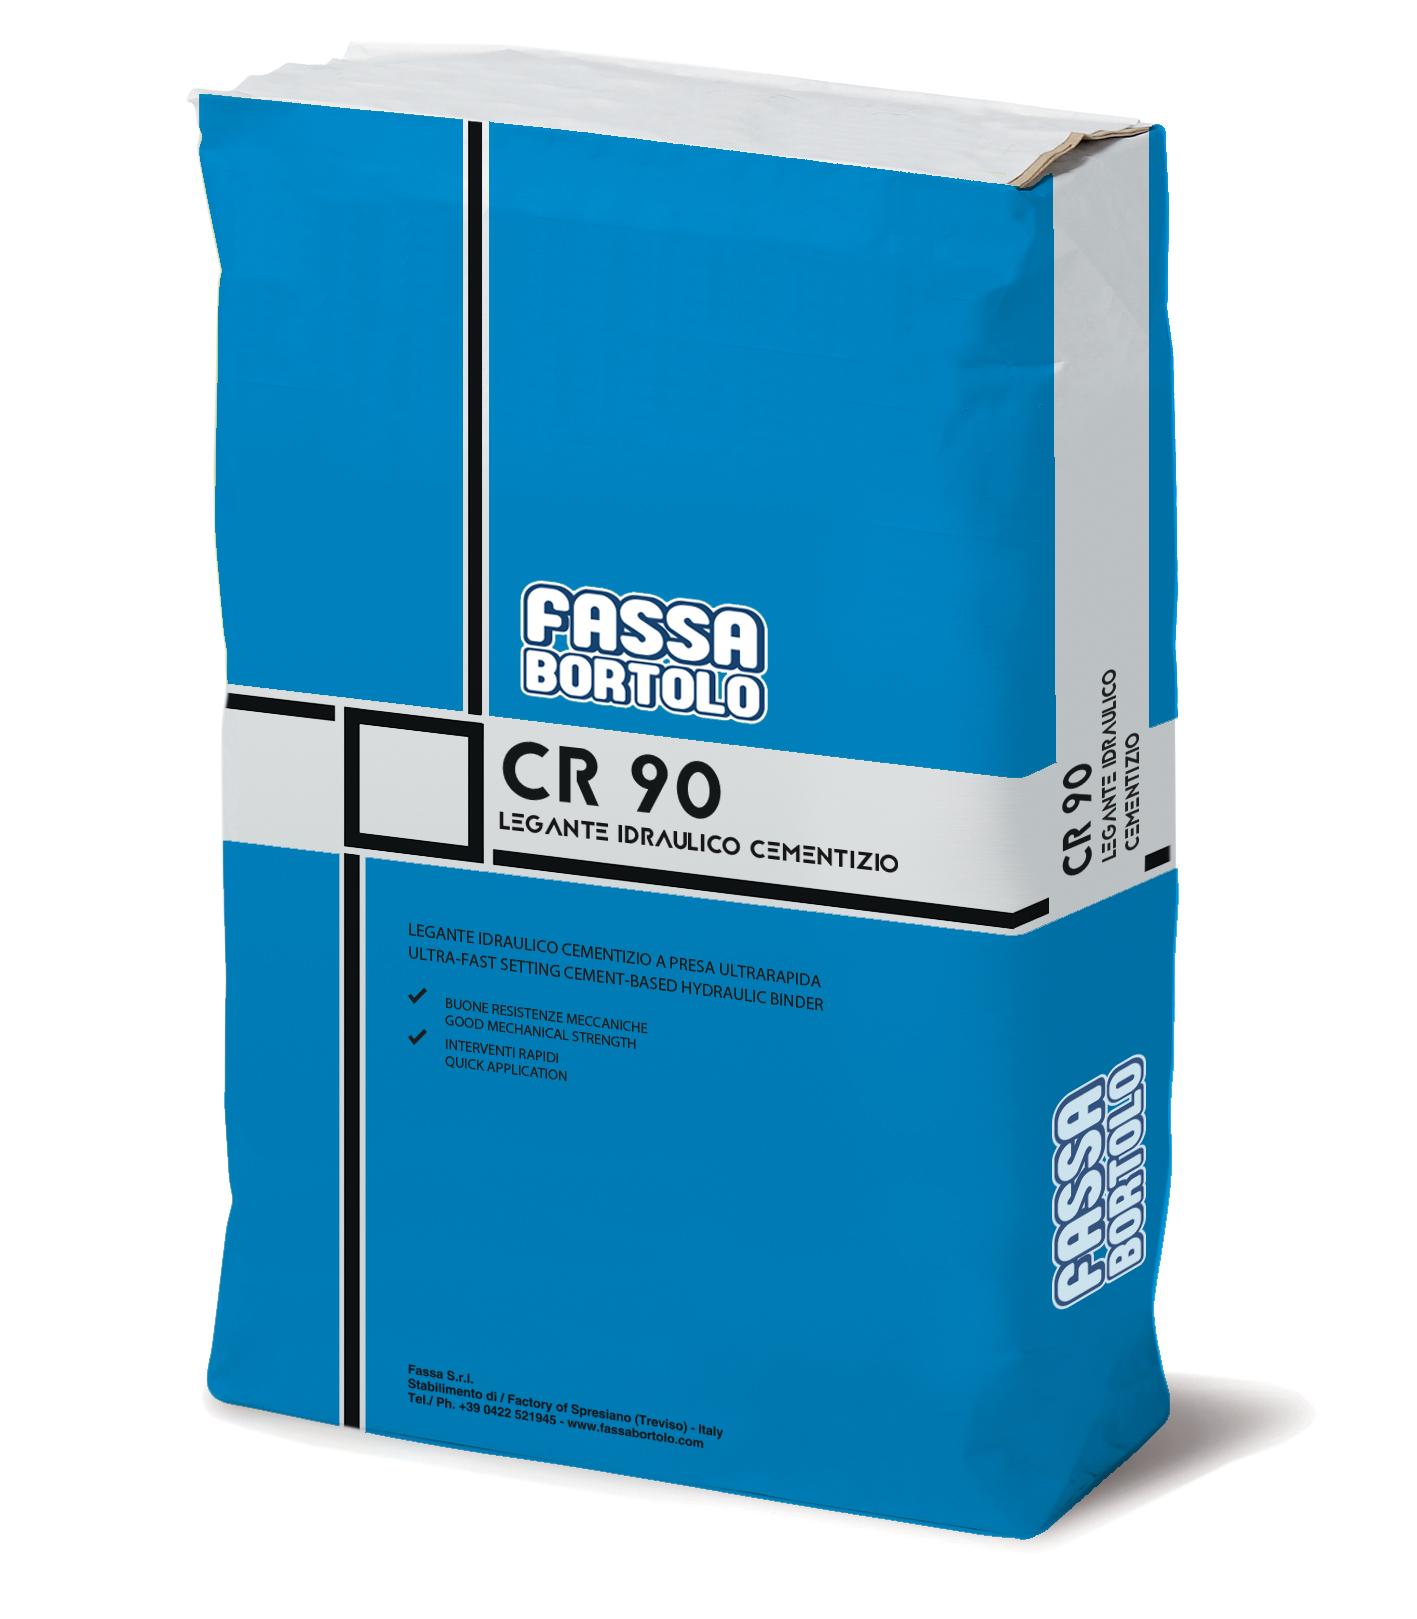 CR 90: Ligante hidráulico cimentício de presa ultra-rápida